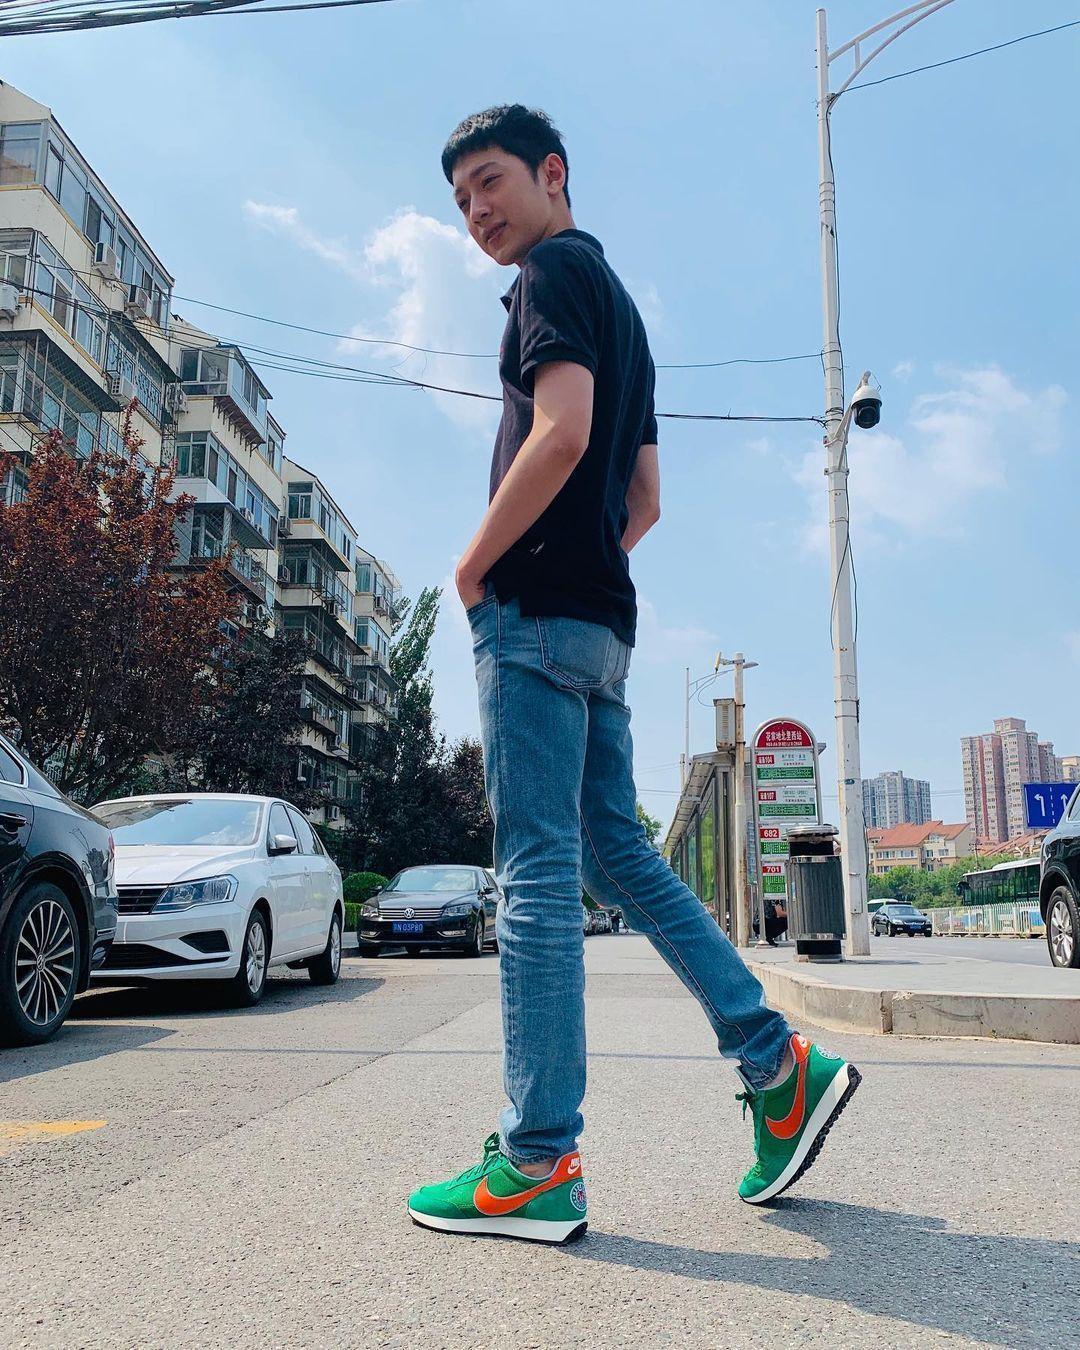 「新疆棉」事件品牌之一的NIKE,是賴冠霖愛牌,過去他常穿著拍照。(翻攝自賴冠霖IG)